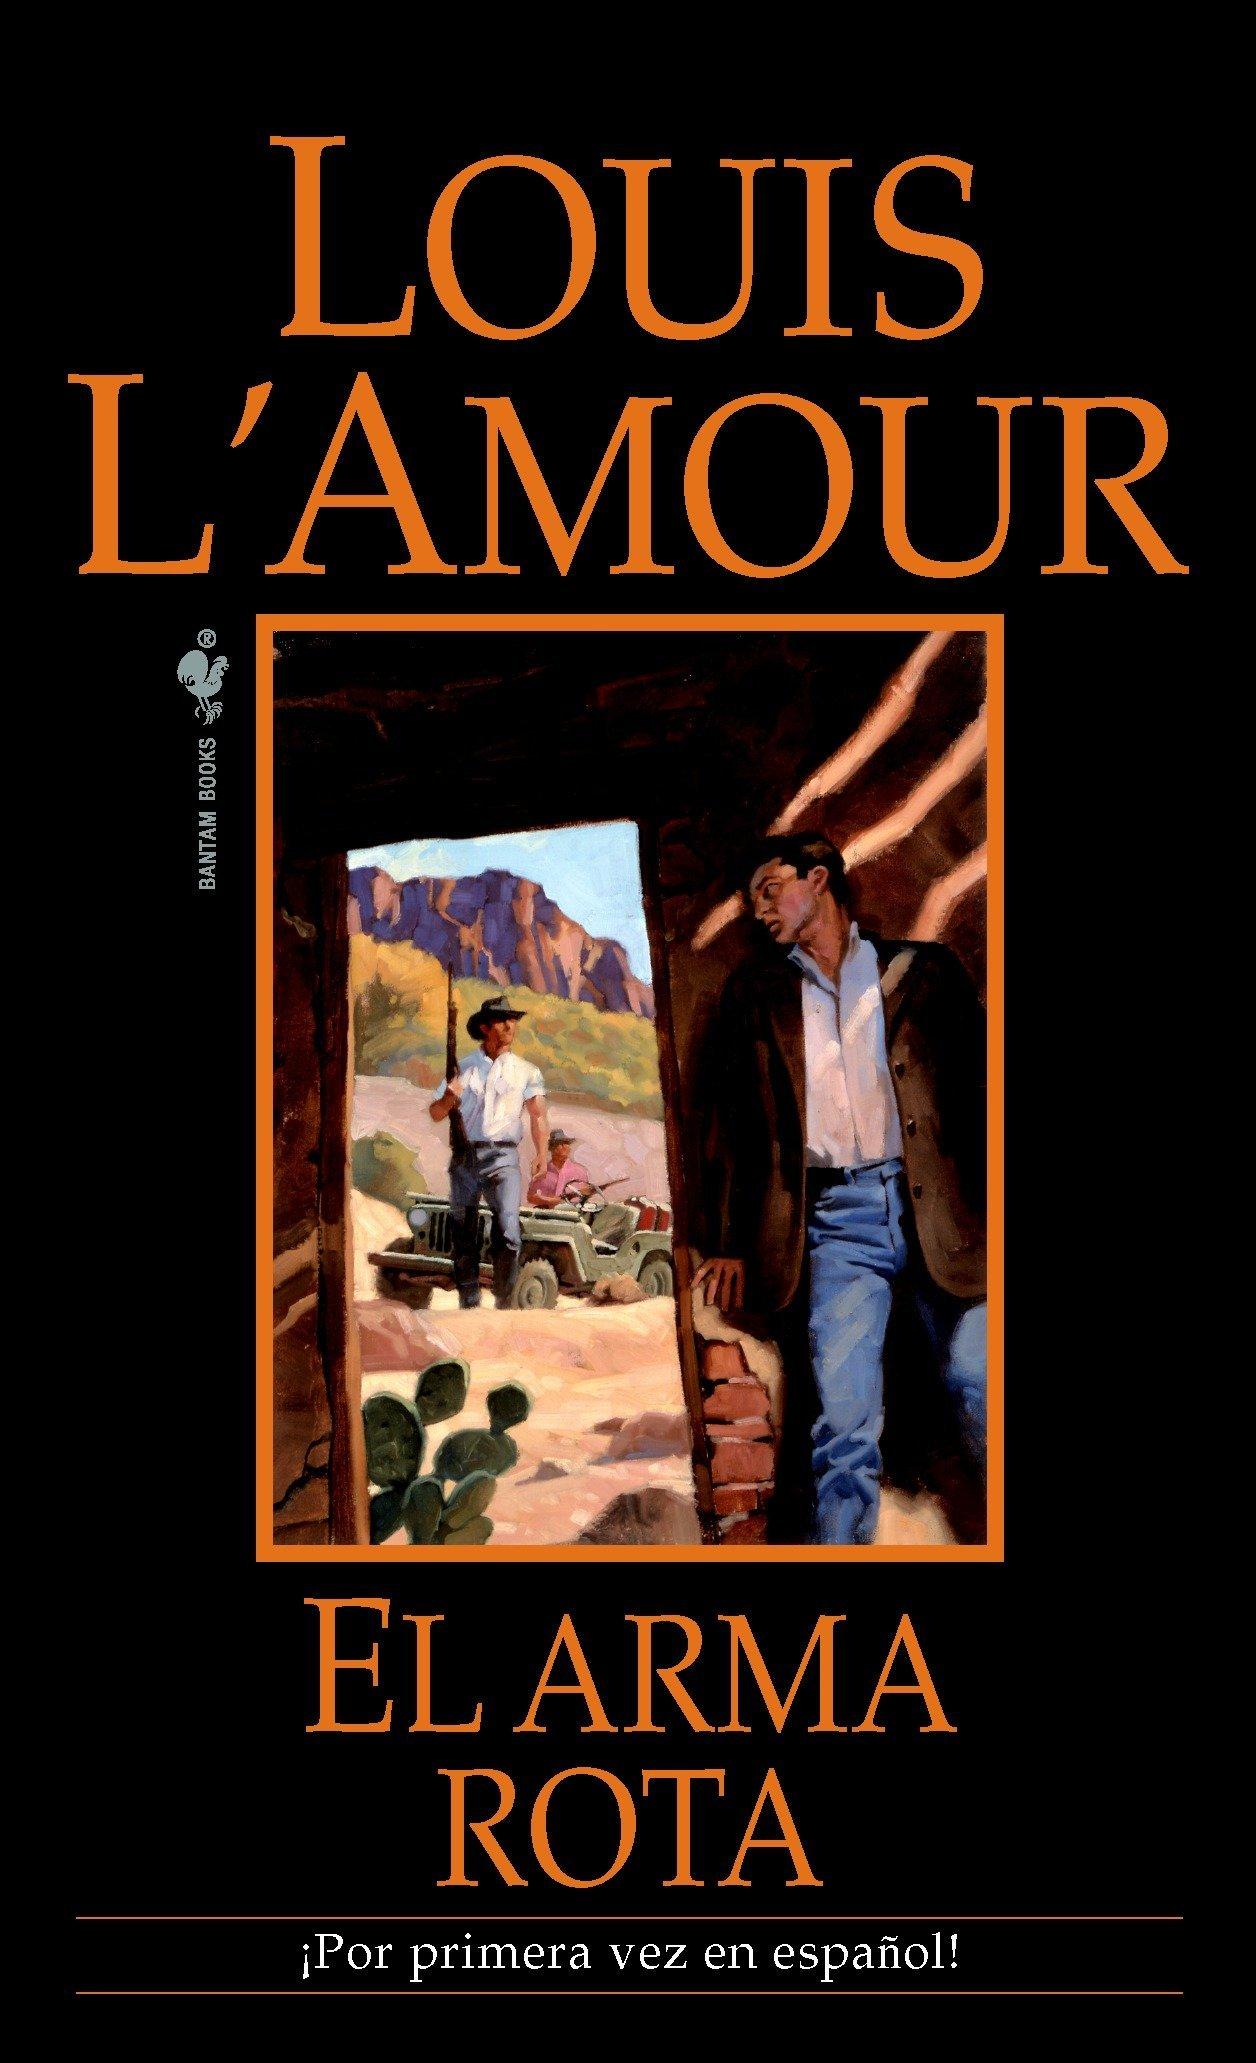 Amazon.com: El arma rota: Una novela (Spanish Edition) (9780553591941): Louis LAmour: Books